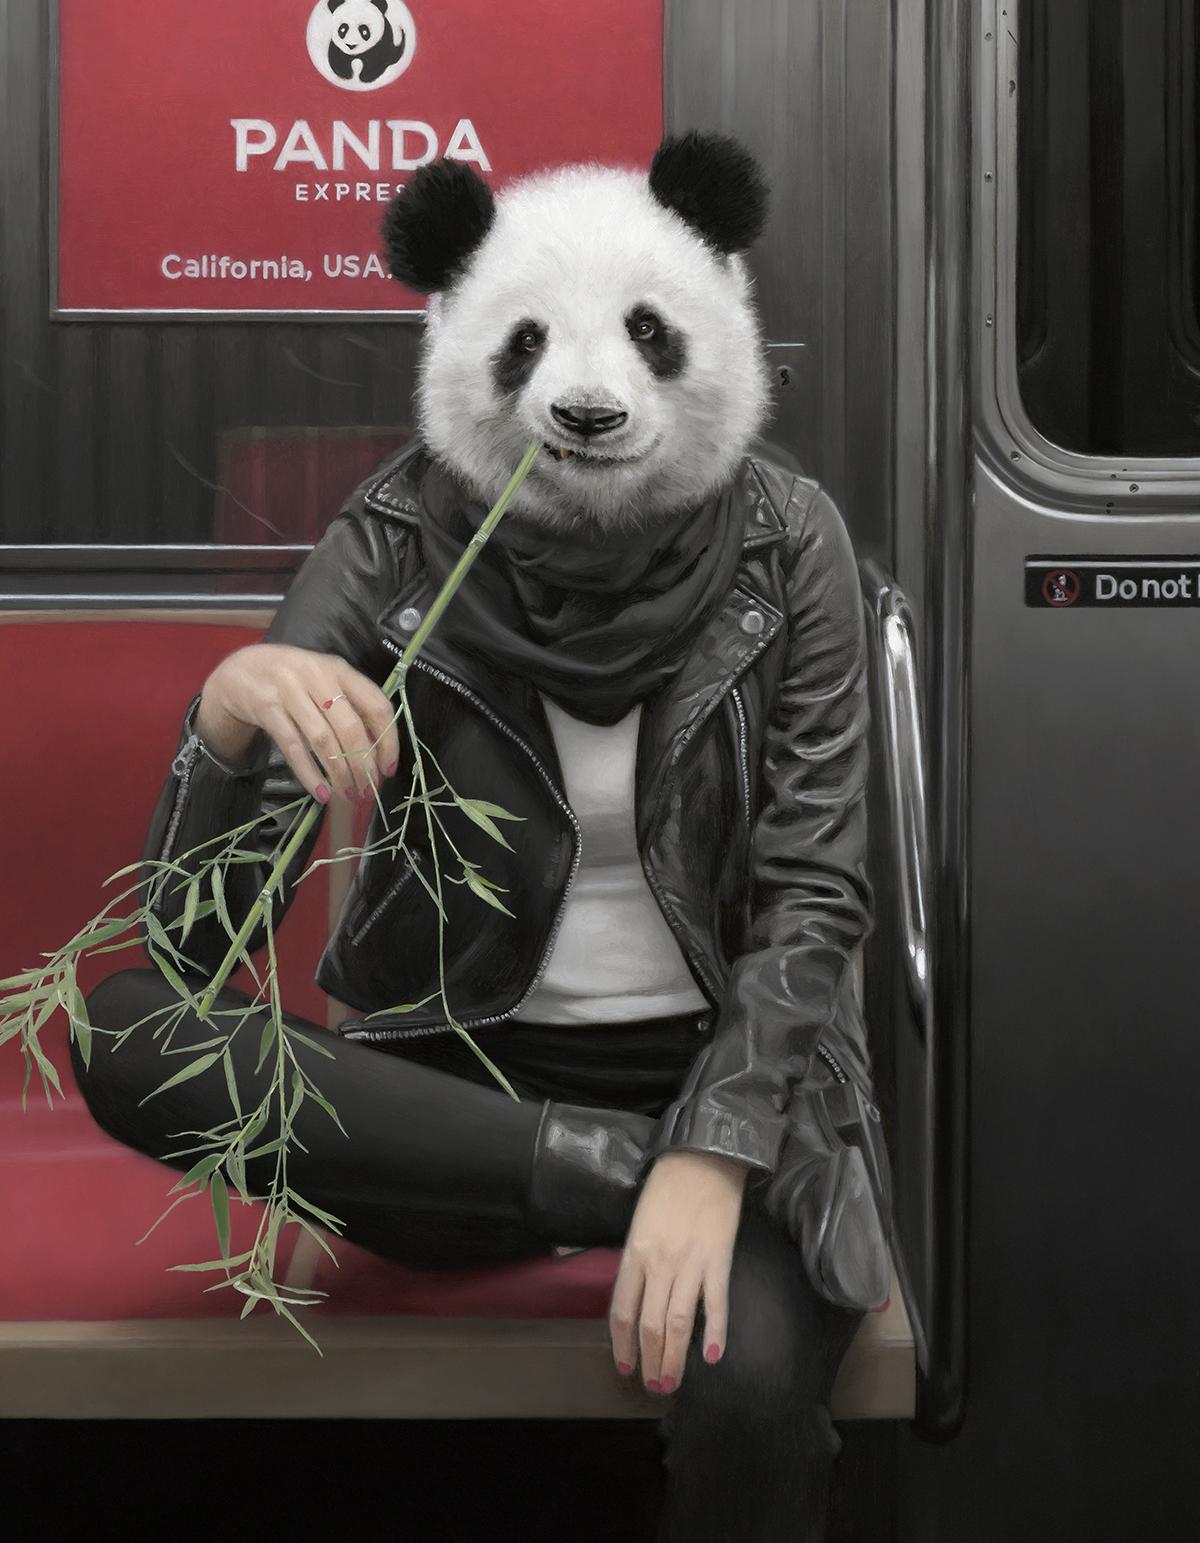 The-Panda-Express